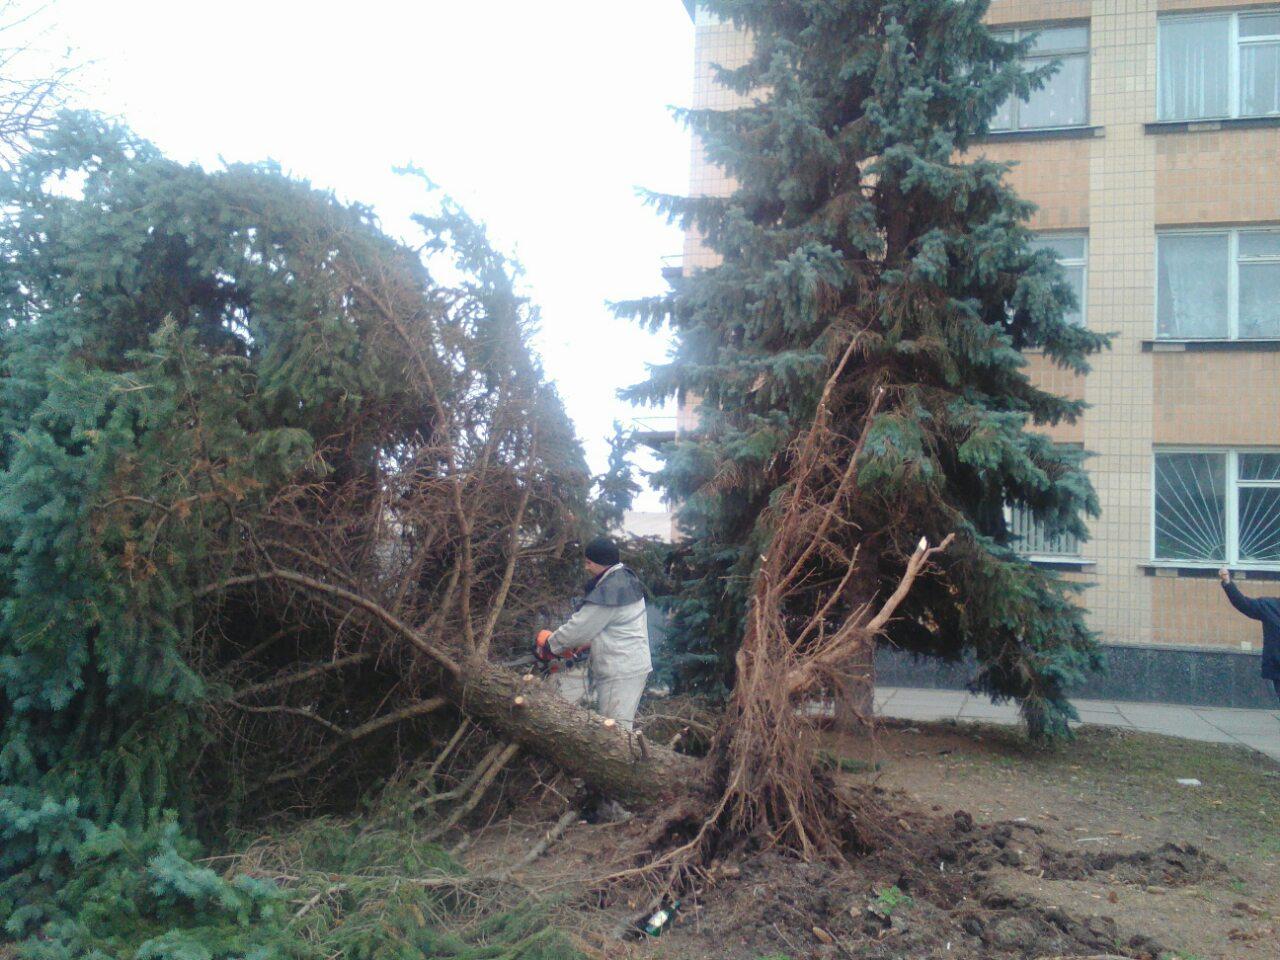 0-02-08-729dbd8e6be5437f88c6cf7b46a7e7300cdca72b7af0f949b9f02d48d8b30bf6_159c8e9d-1 Падіння дерев від поривів вітру не оминуло й Таращу